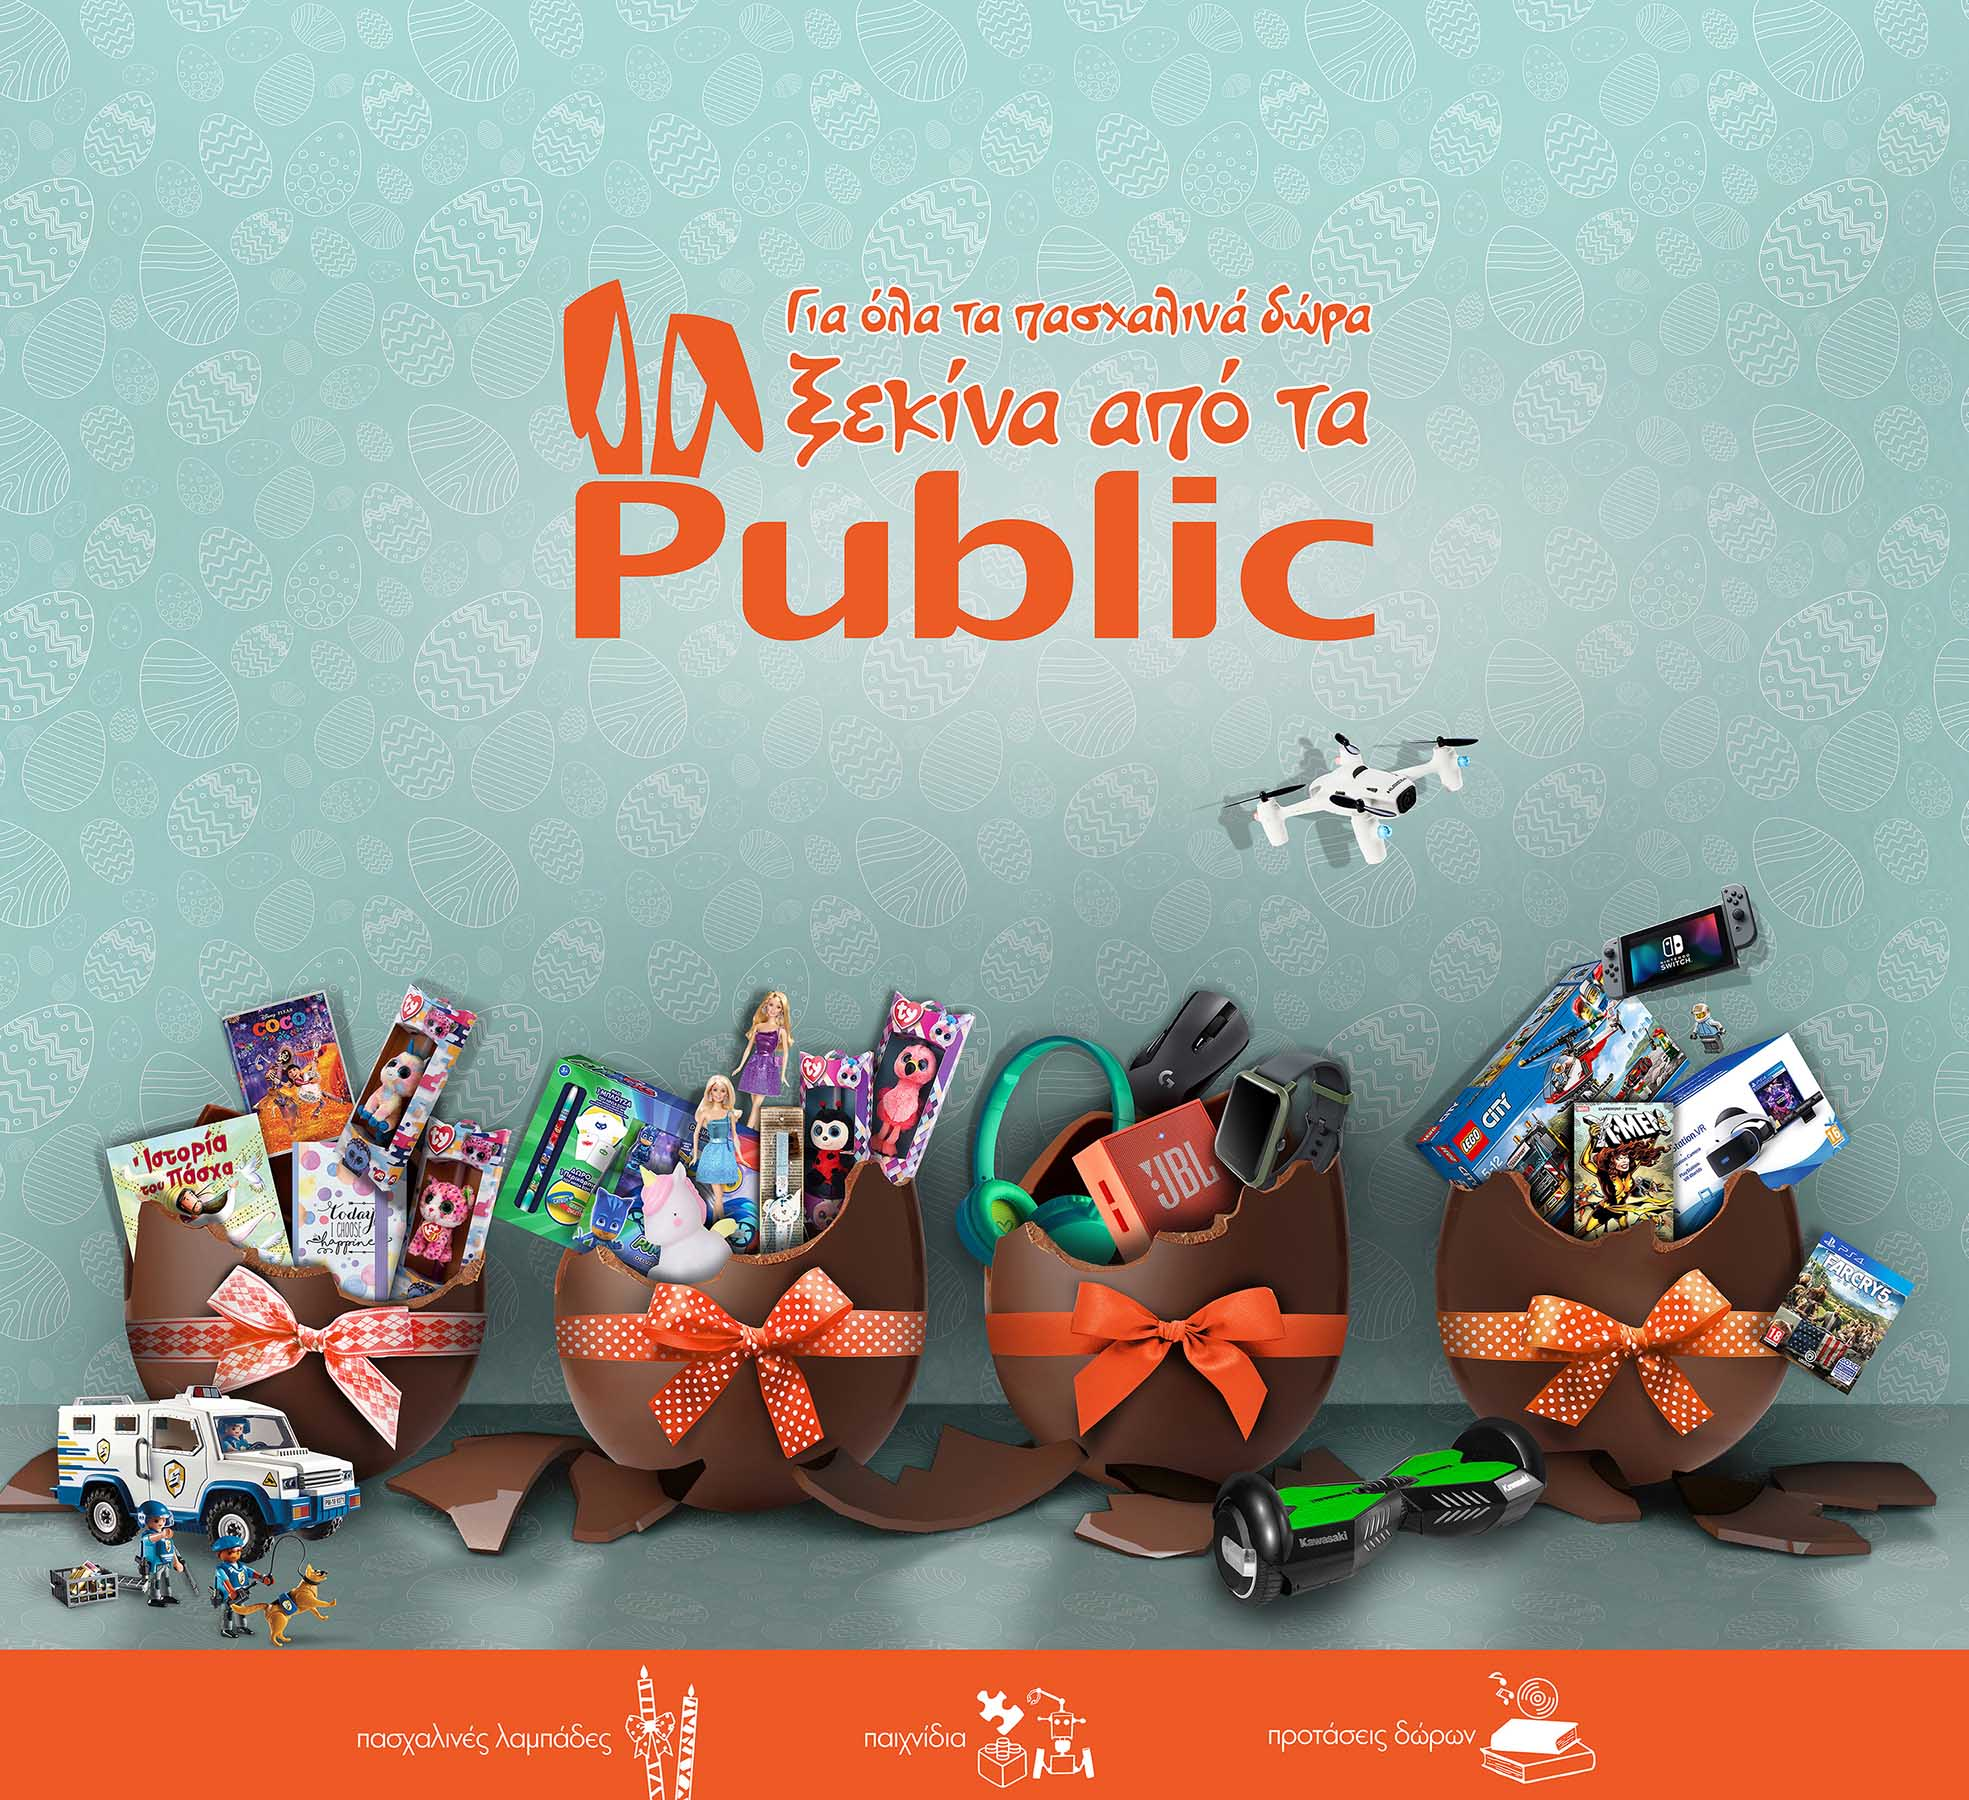 Για όλα τα πασχαλινά δώρα… ξεκινήστε από τα Public!